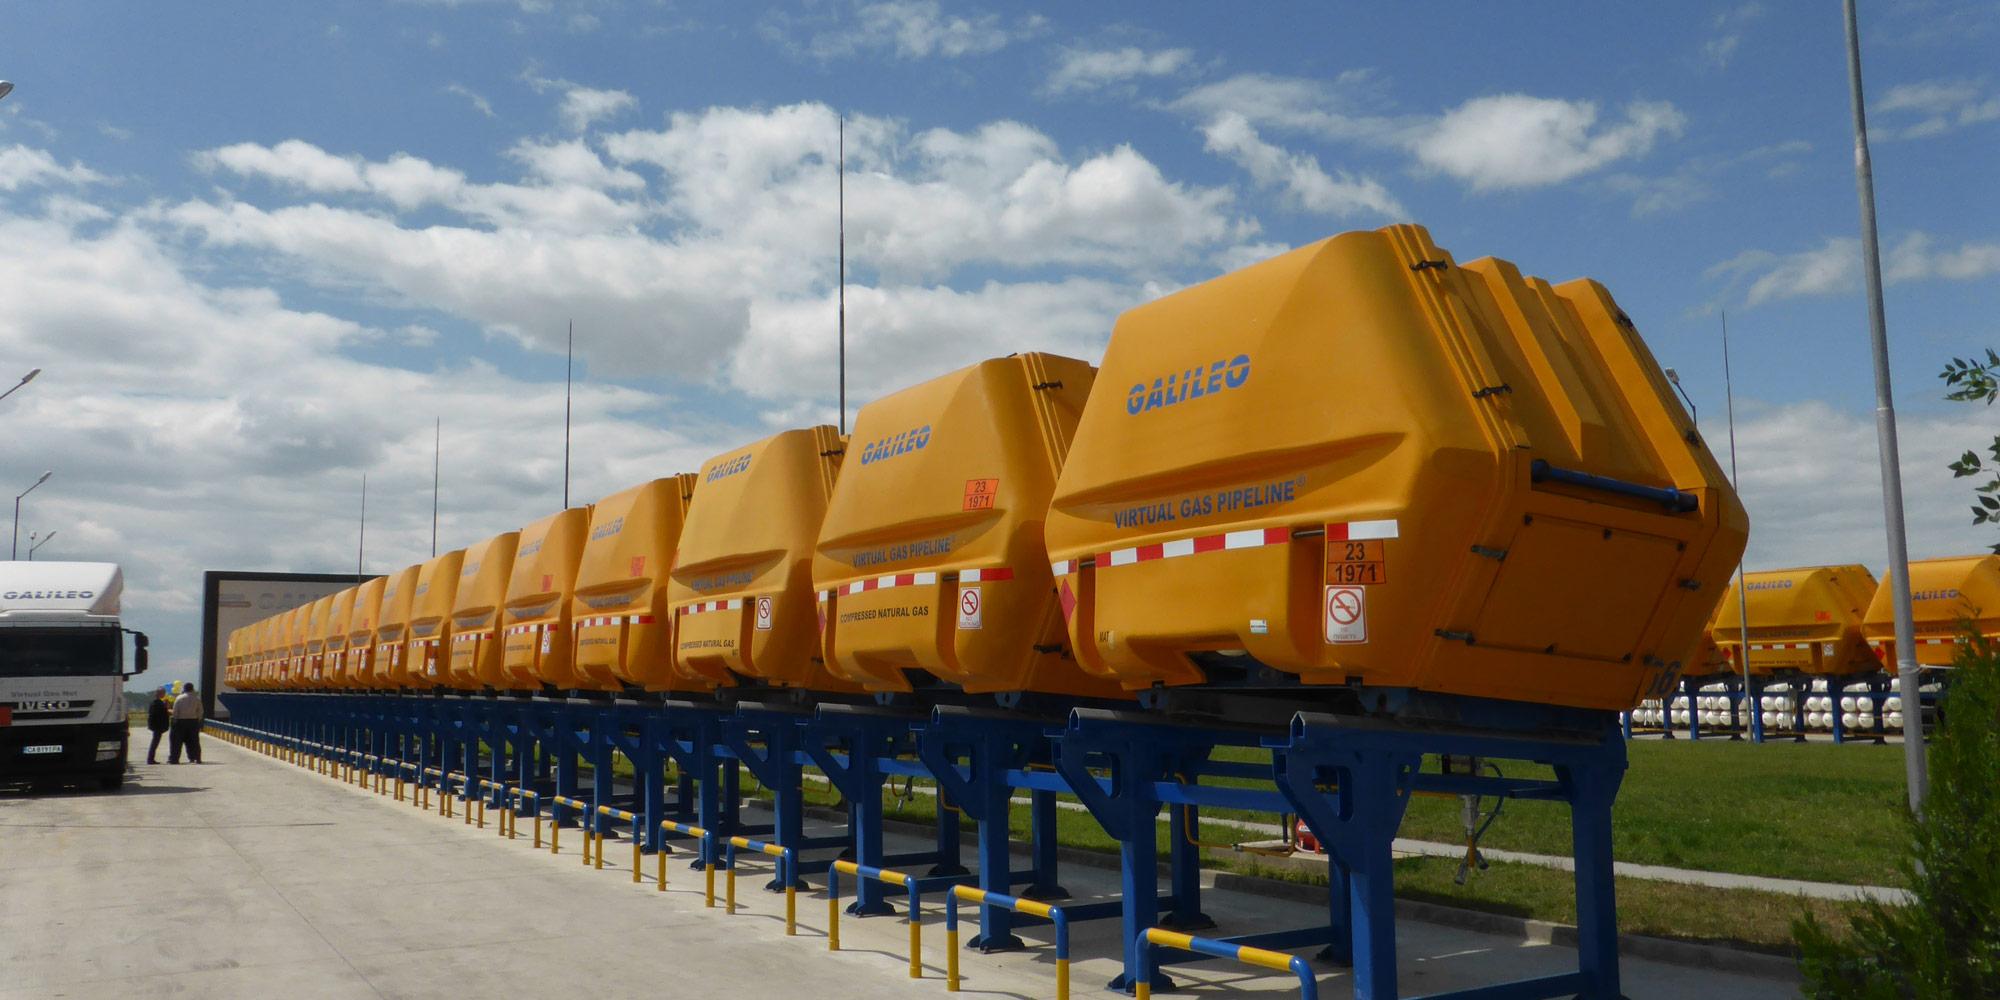 El Gasoducto Virtual distribuye GNC en contenedores MAT - Galileo Technologies